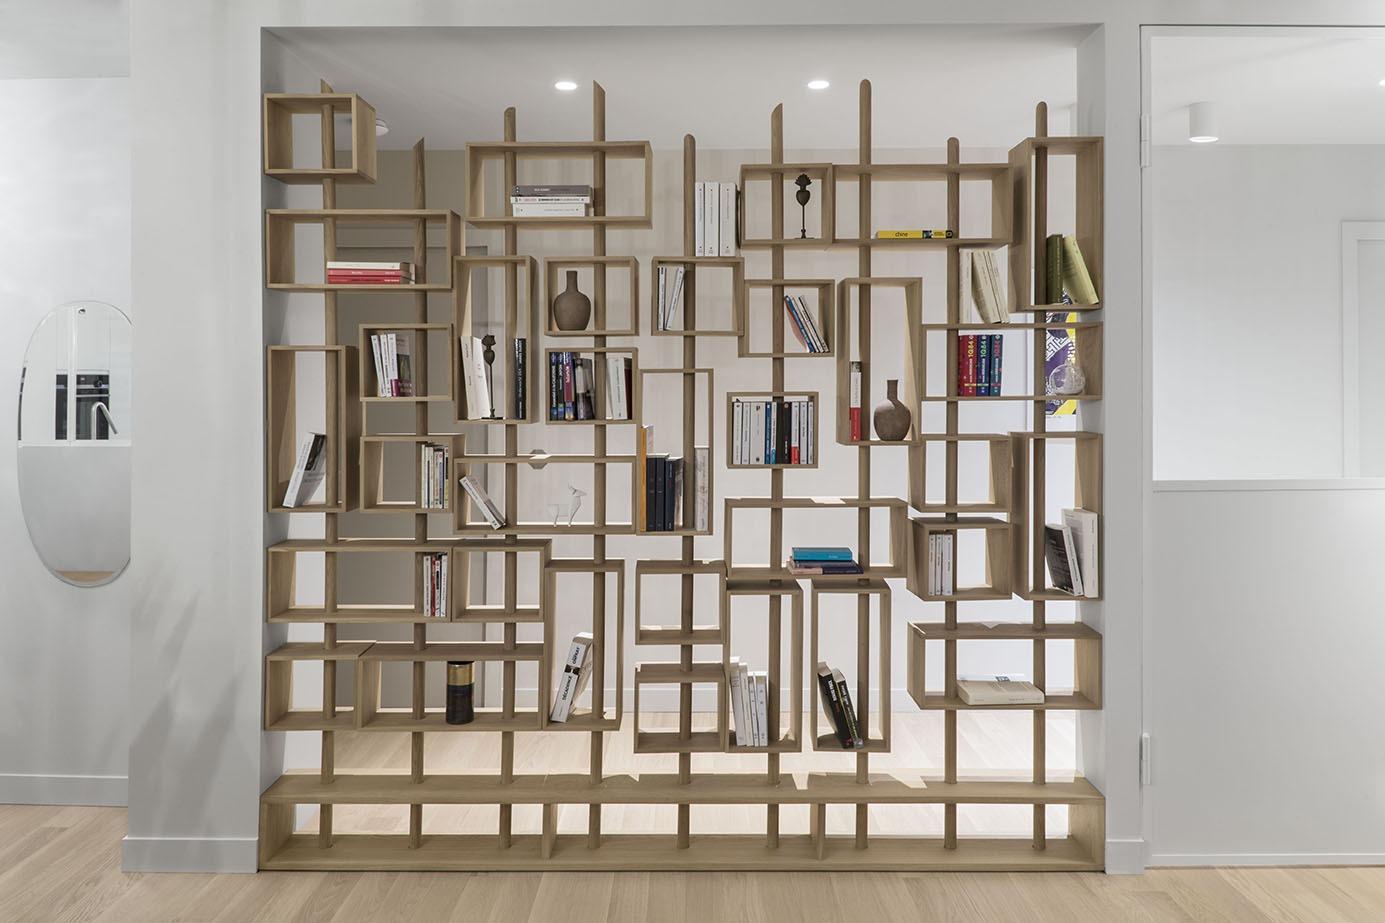 bibliotheque-meuble-sur-mesure